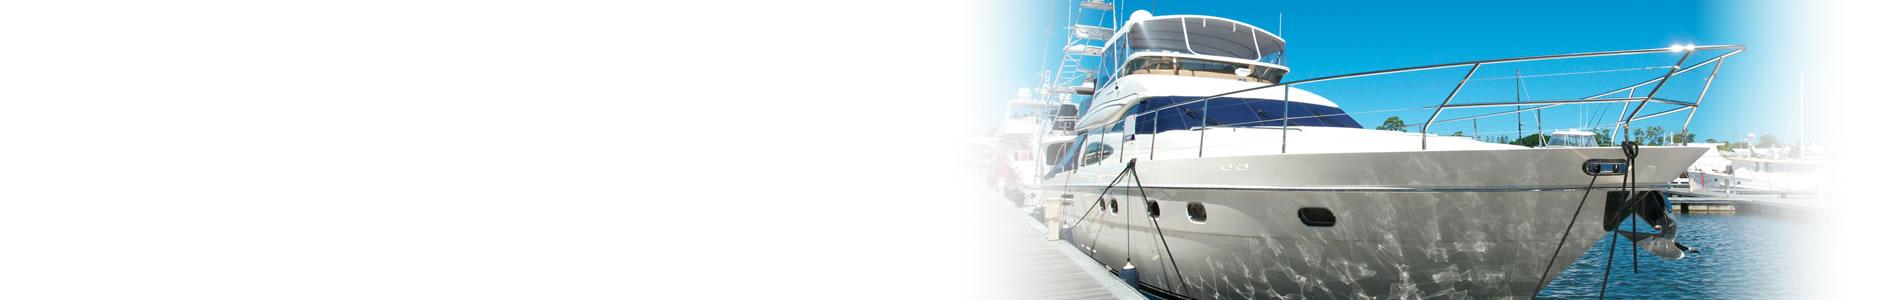 1級小型船舶免許